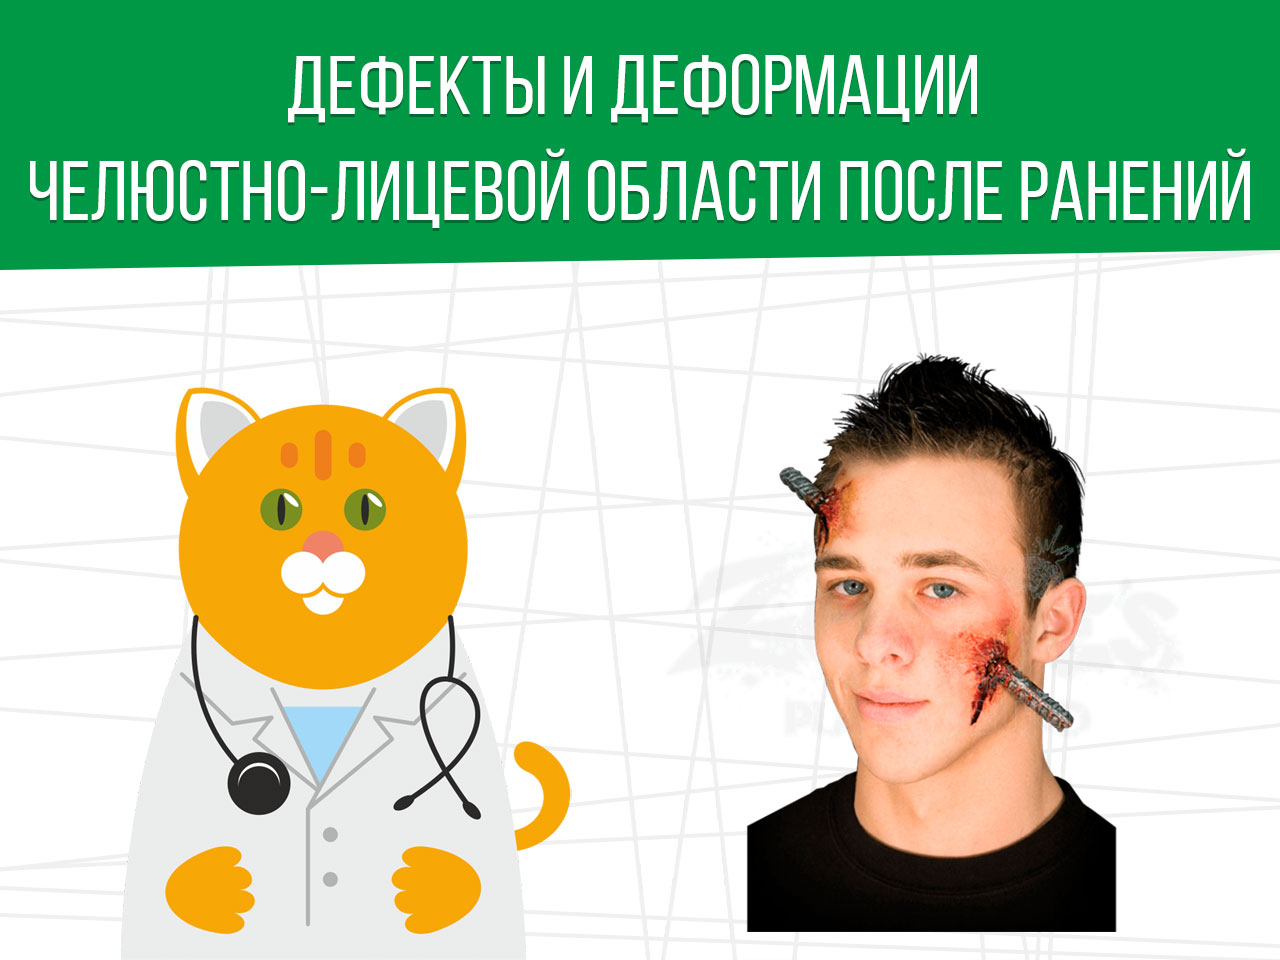 Дефекты и деформации челюстно-лицевой области после ранений: берут ли в армию